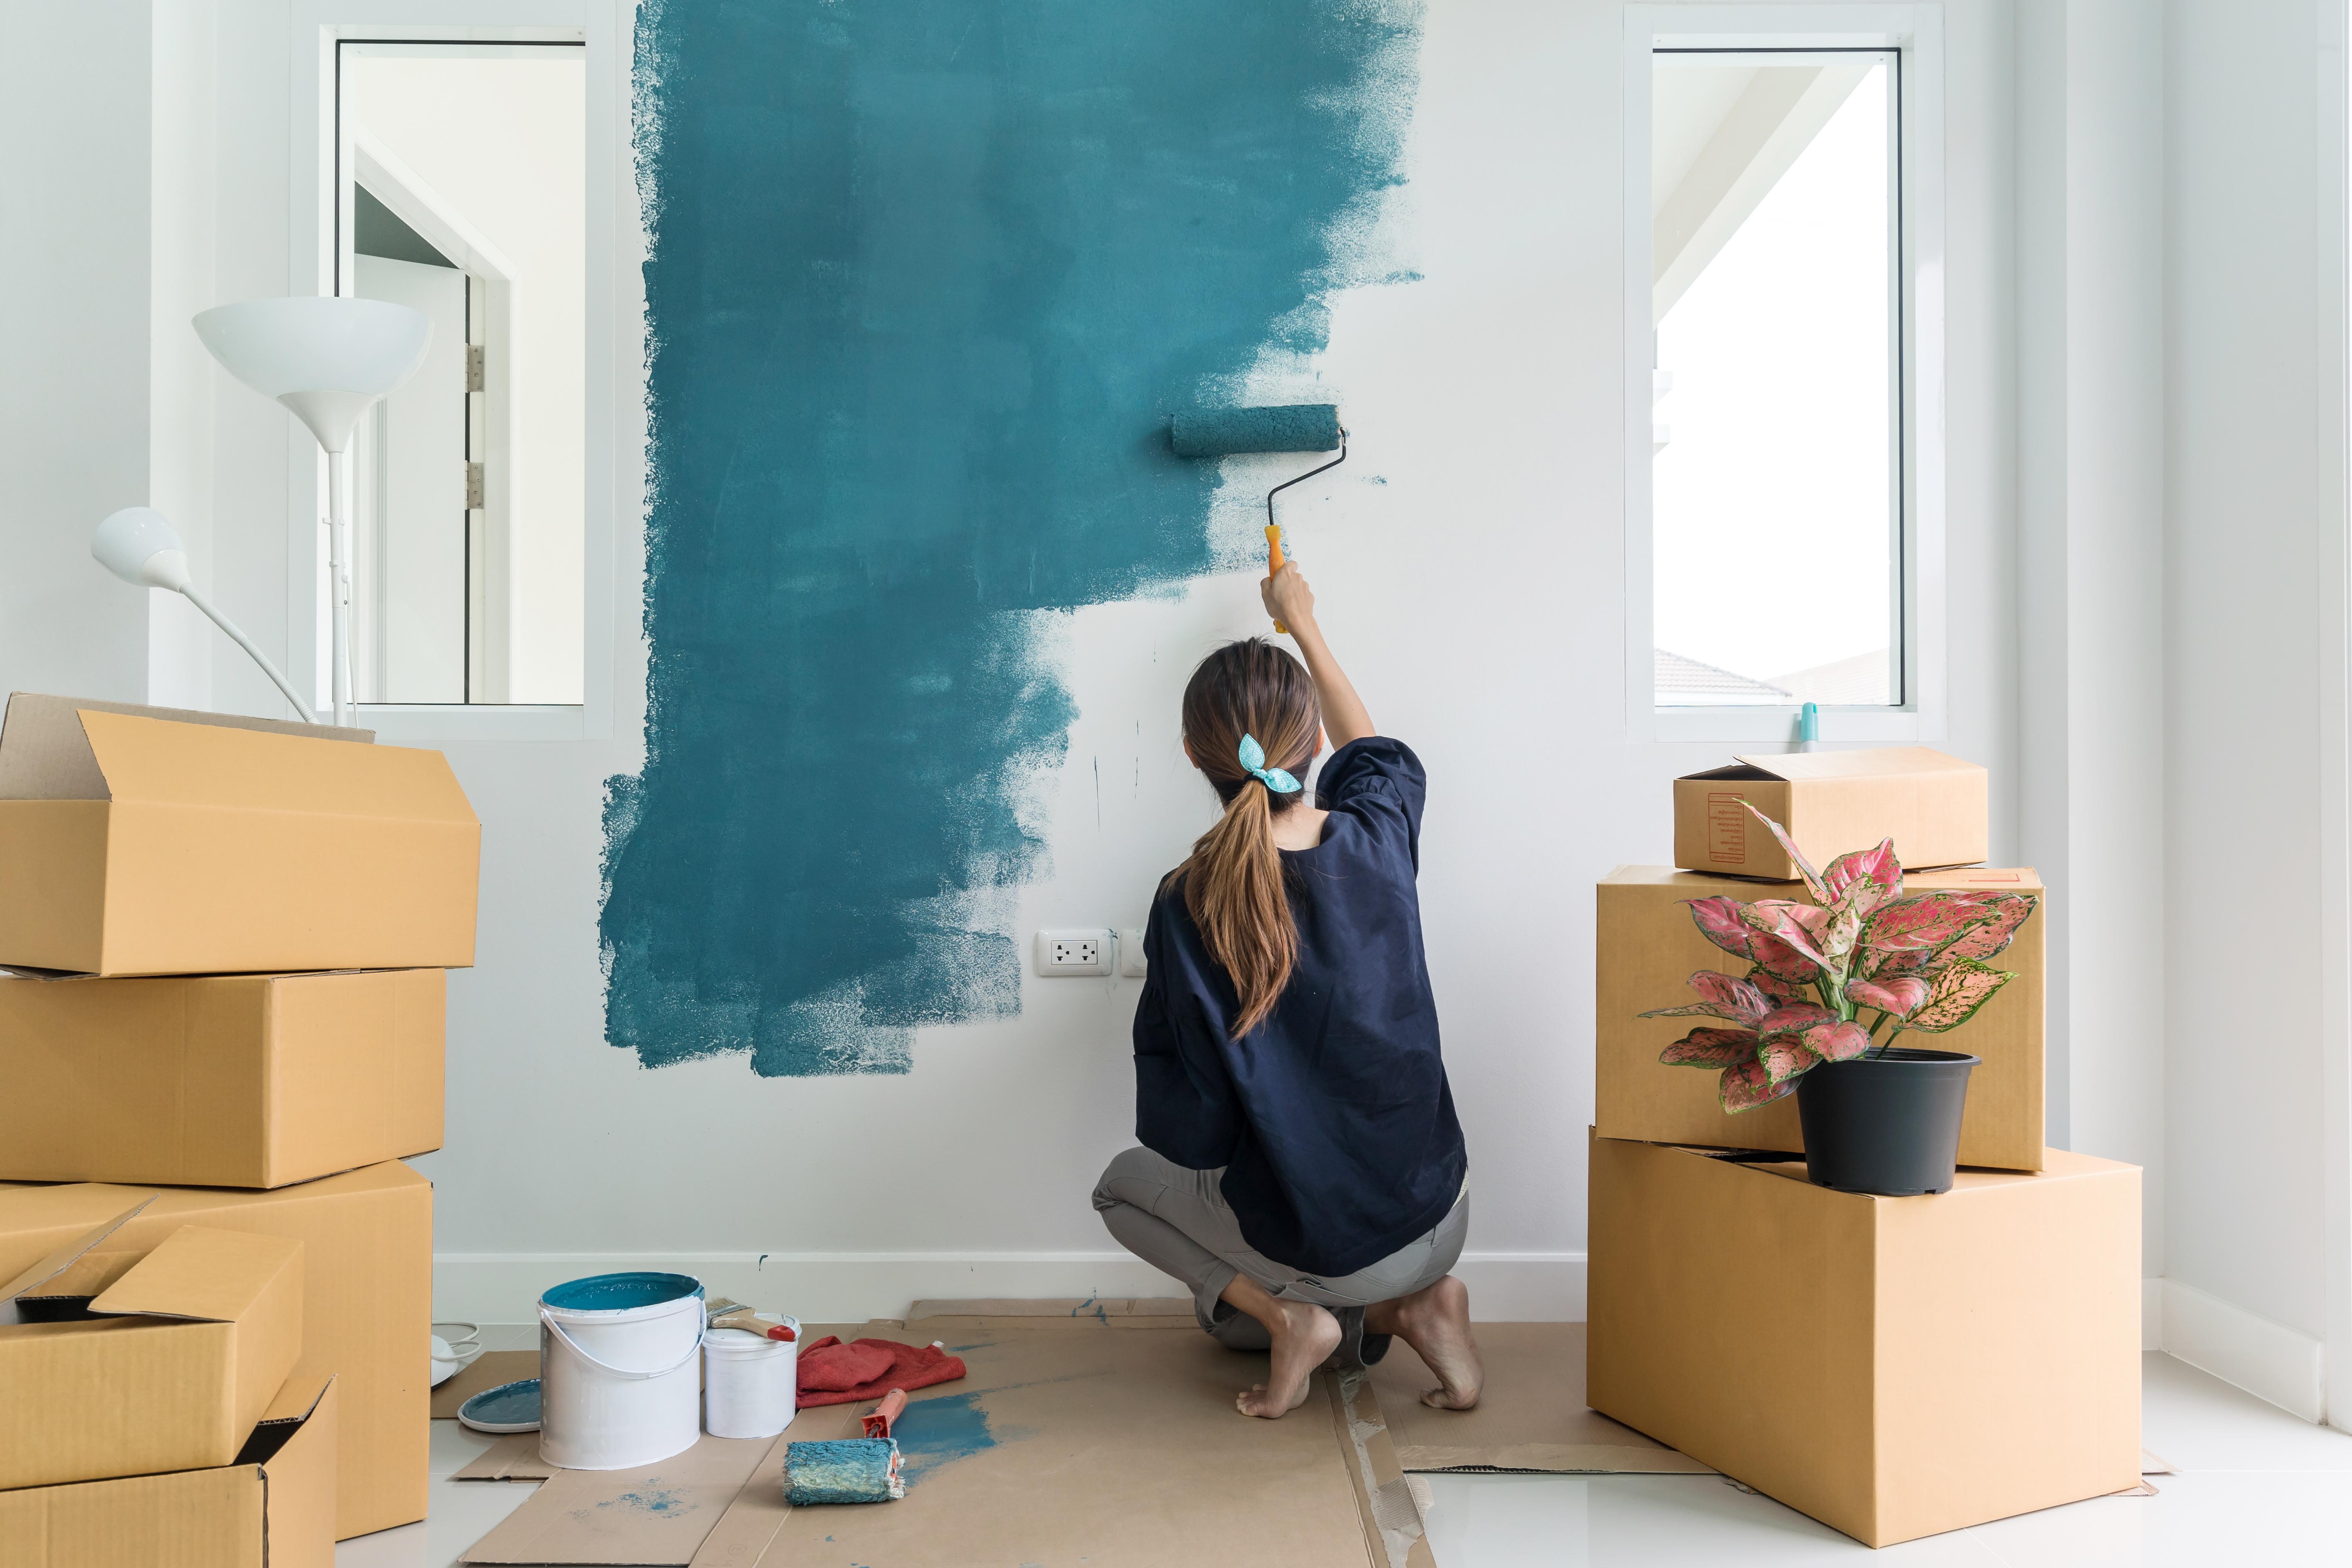 Hal-Hal Cool Yang Bisa Lo Lakuin Di Rumah Selama Social Distancing